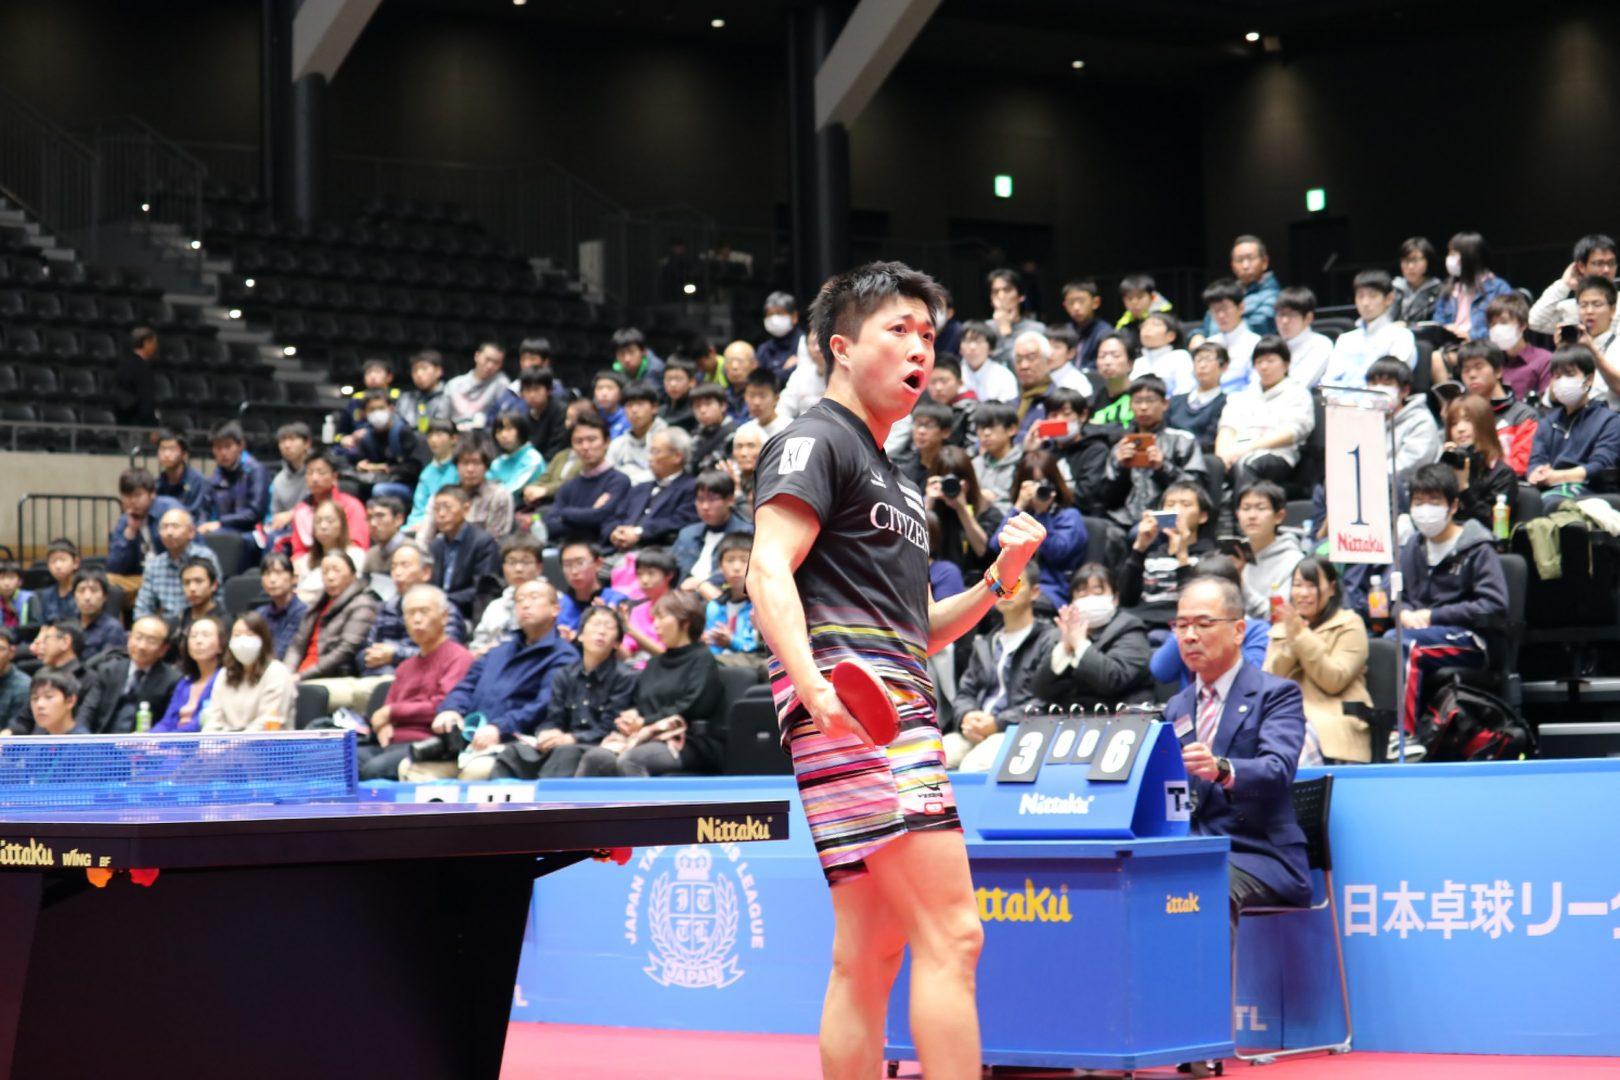 【卓球】シチズン、リコーが初の決勝進出 <内閣総理大臣杯 日本リーグプレーオフ2018男子>